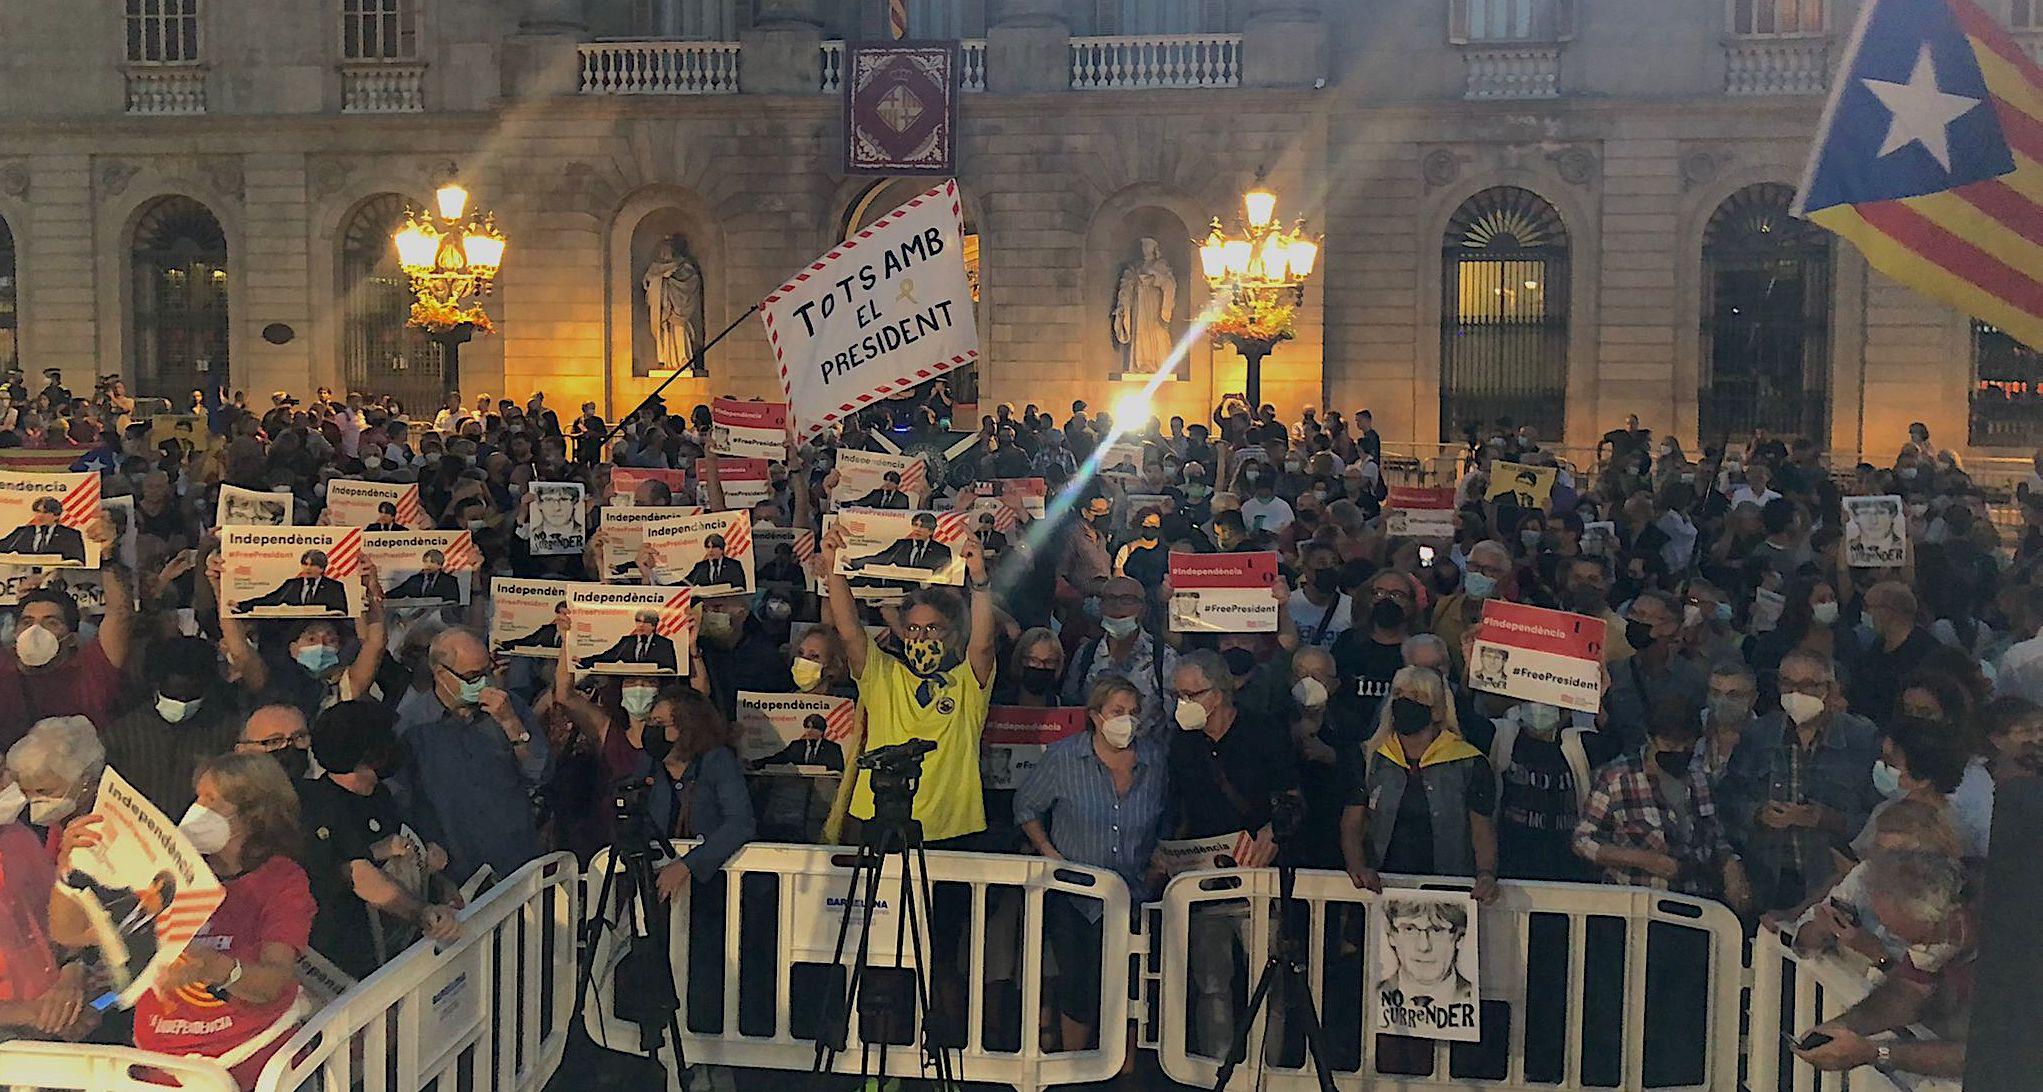 Concentració a la plaça Sant Jaume contra la detenció de Puigdemont / I.N.